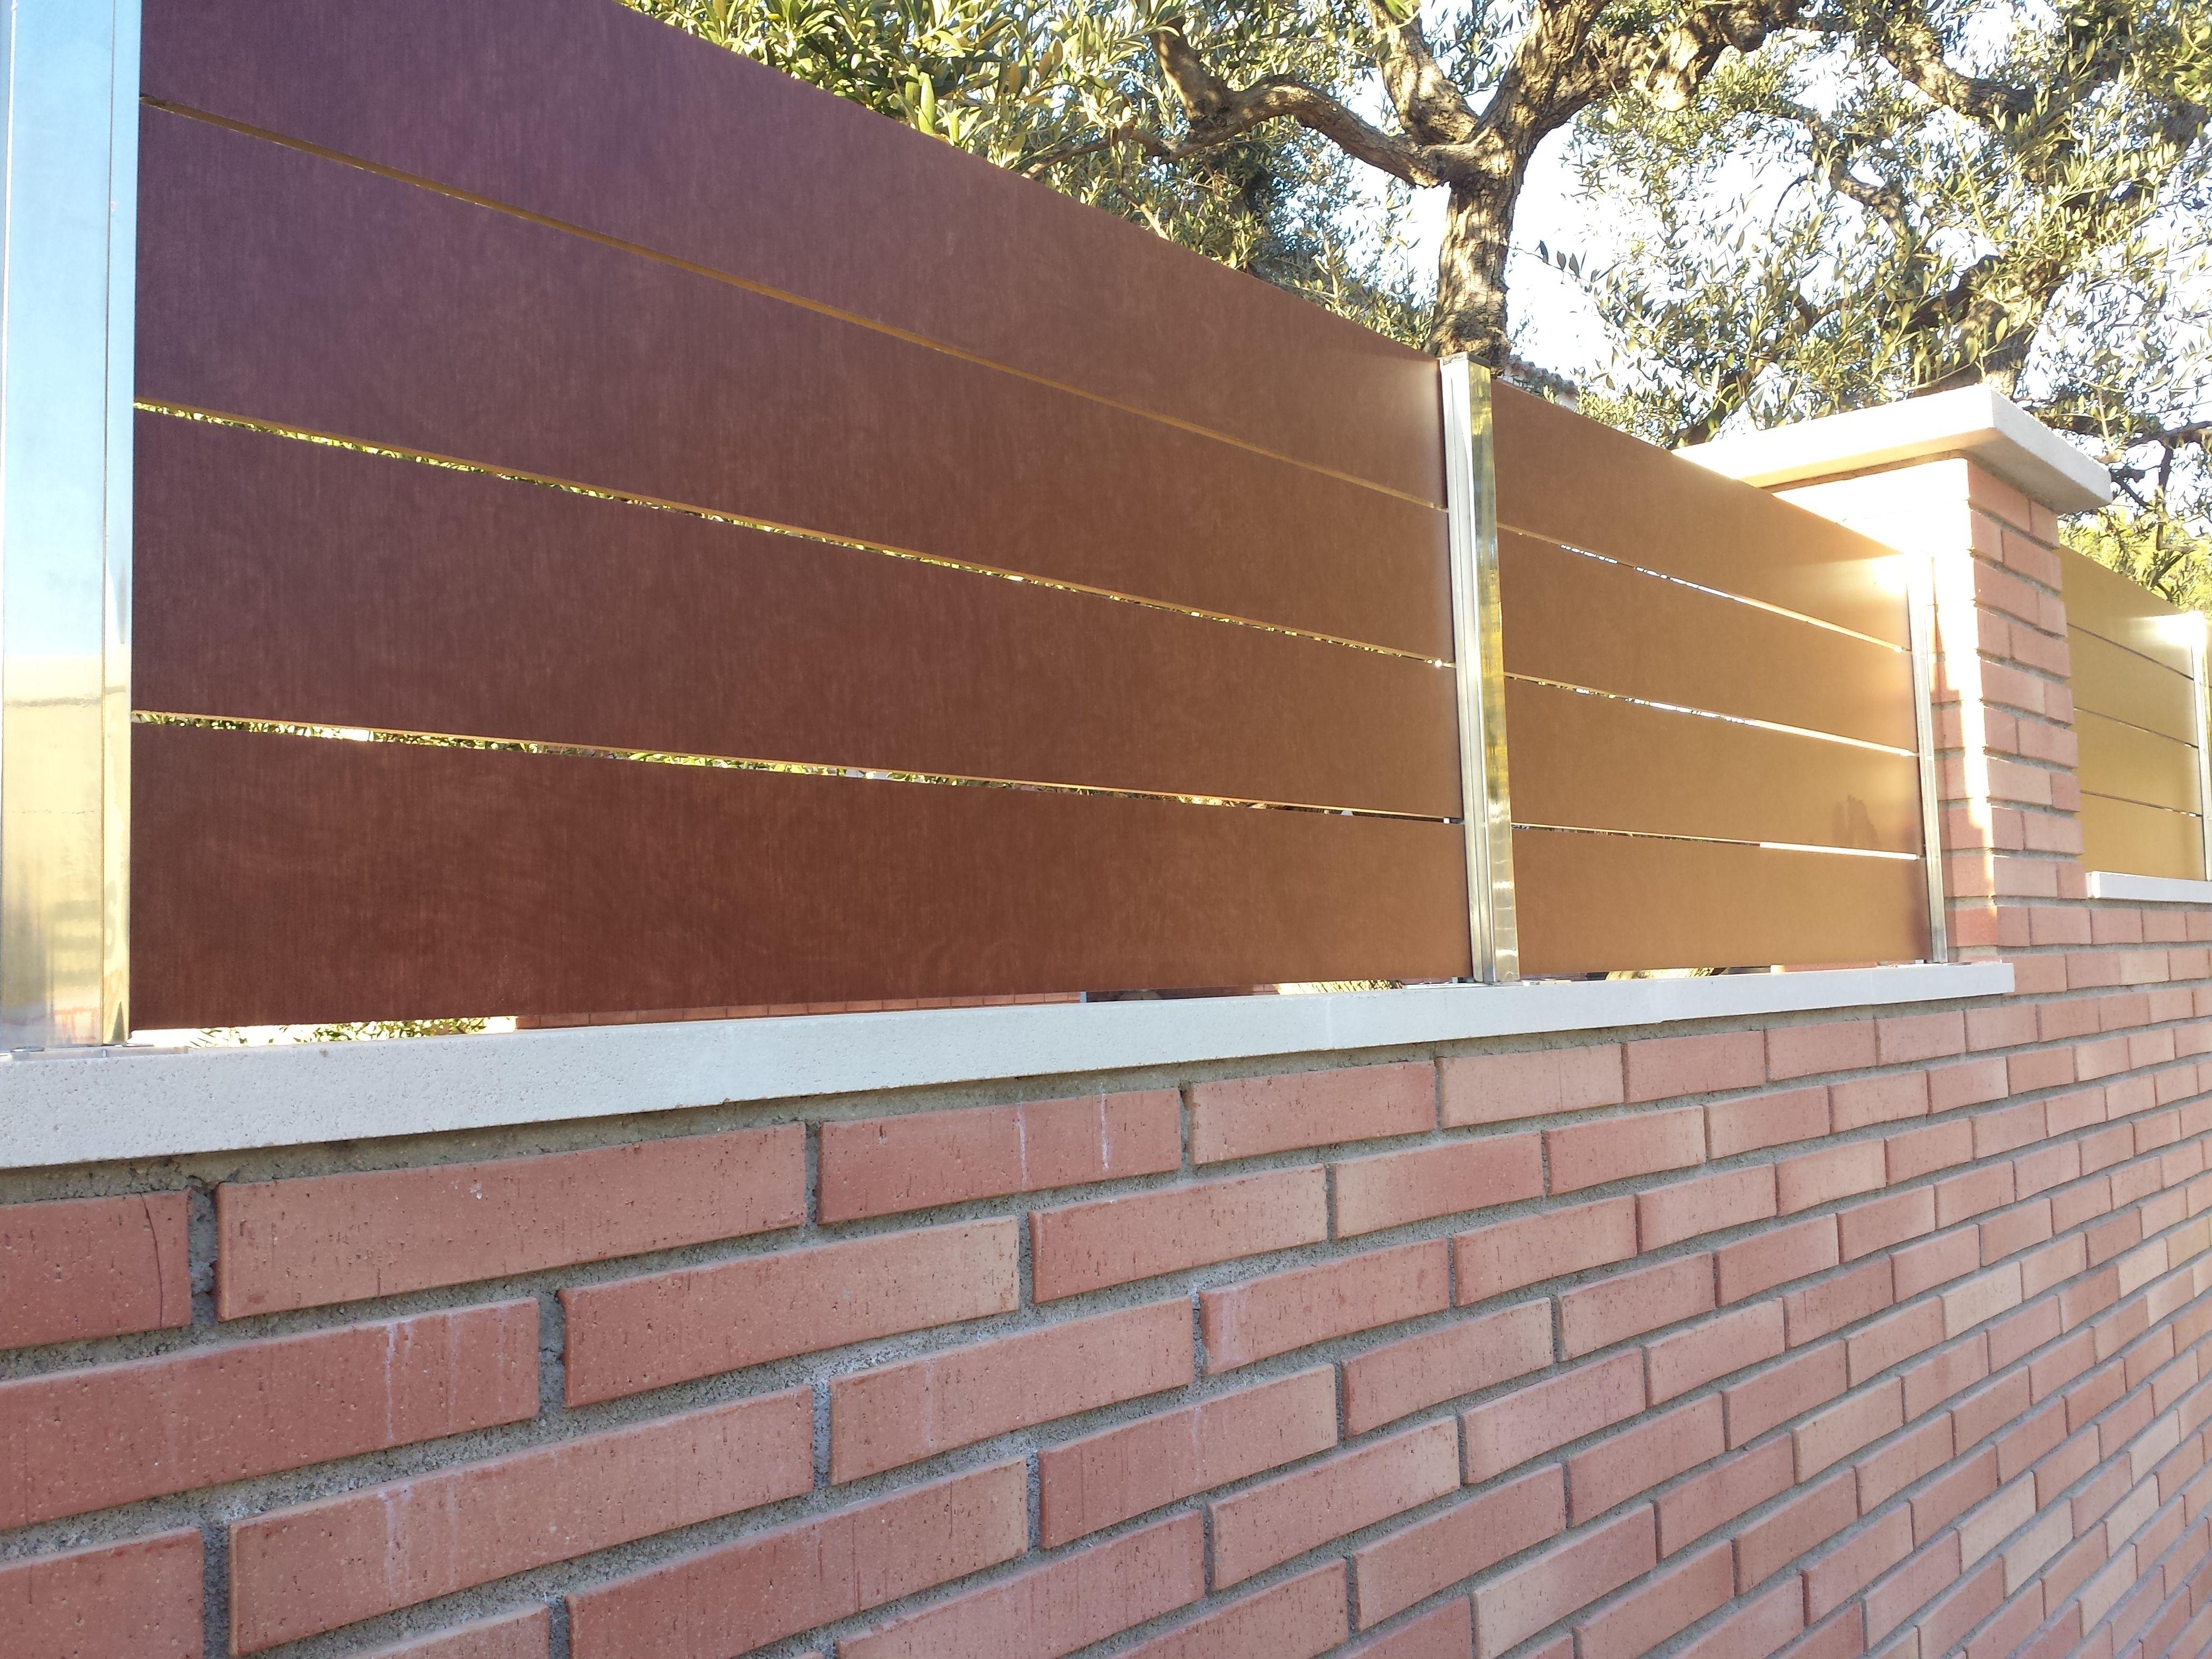 Valla con lamas de compacto fenolico de imitaci n madera - Puertas de valla ...